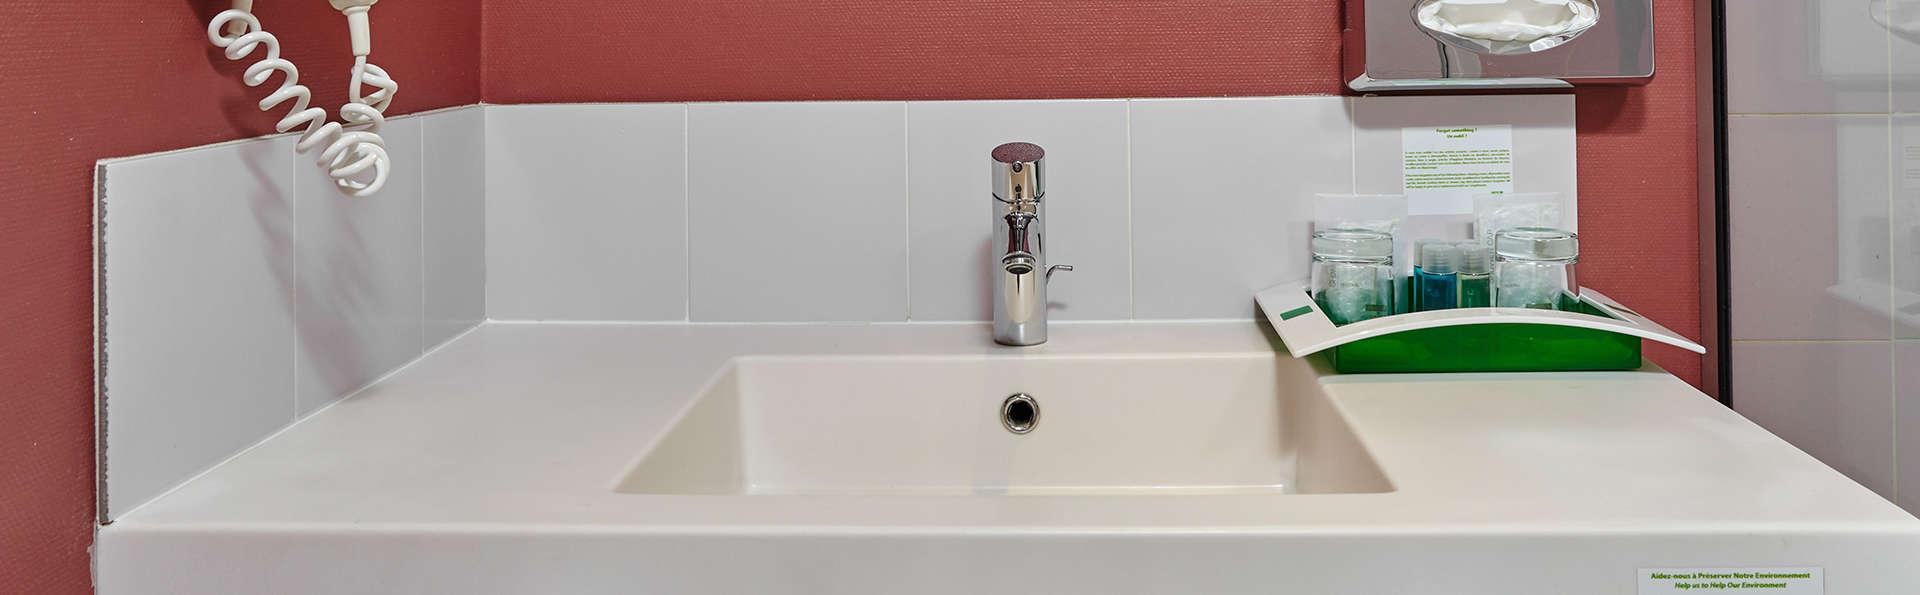 Novotel Blois Centre Val de Loire - EDIT_bath1.jpg